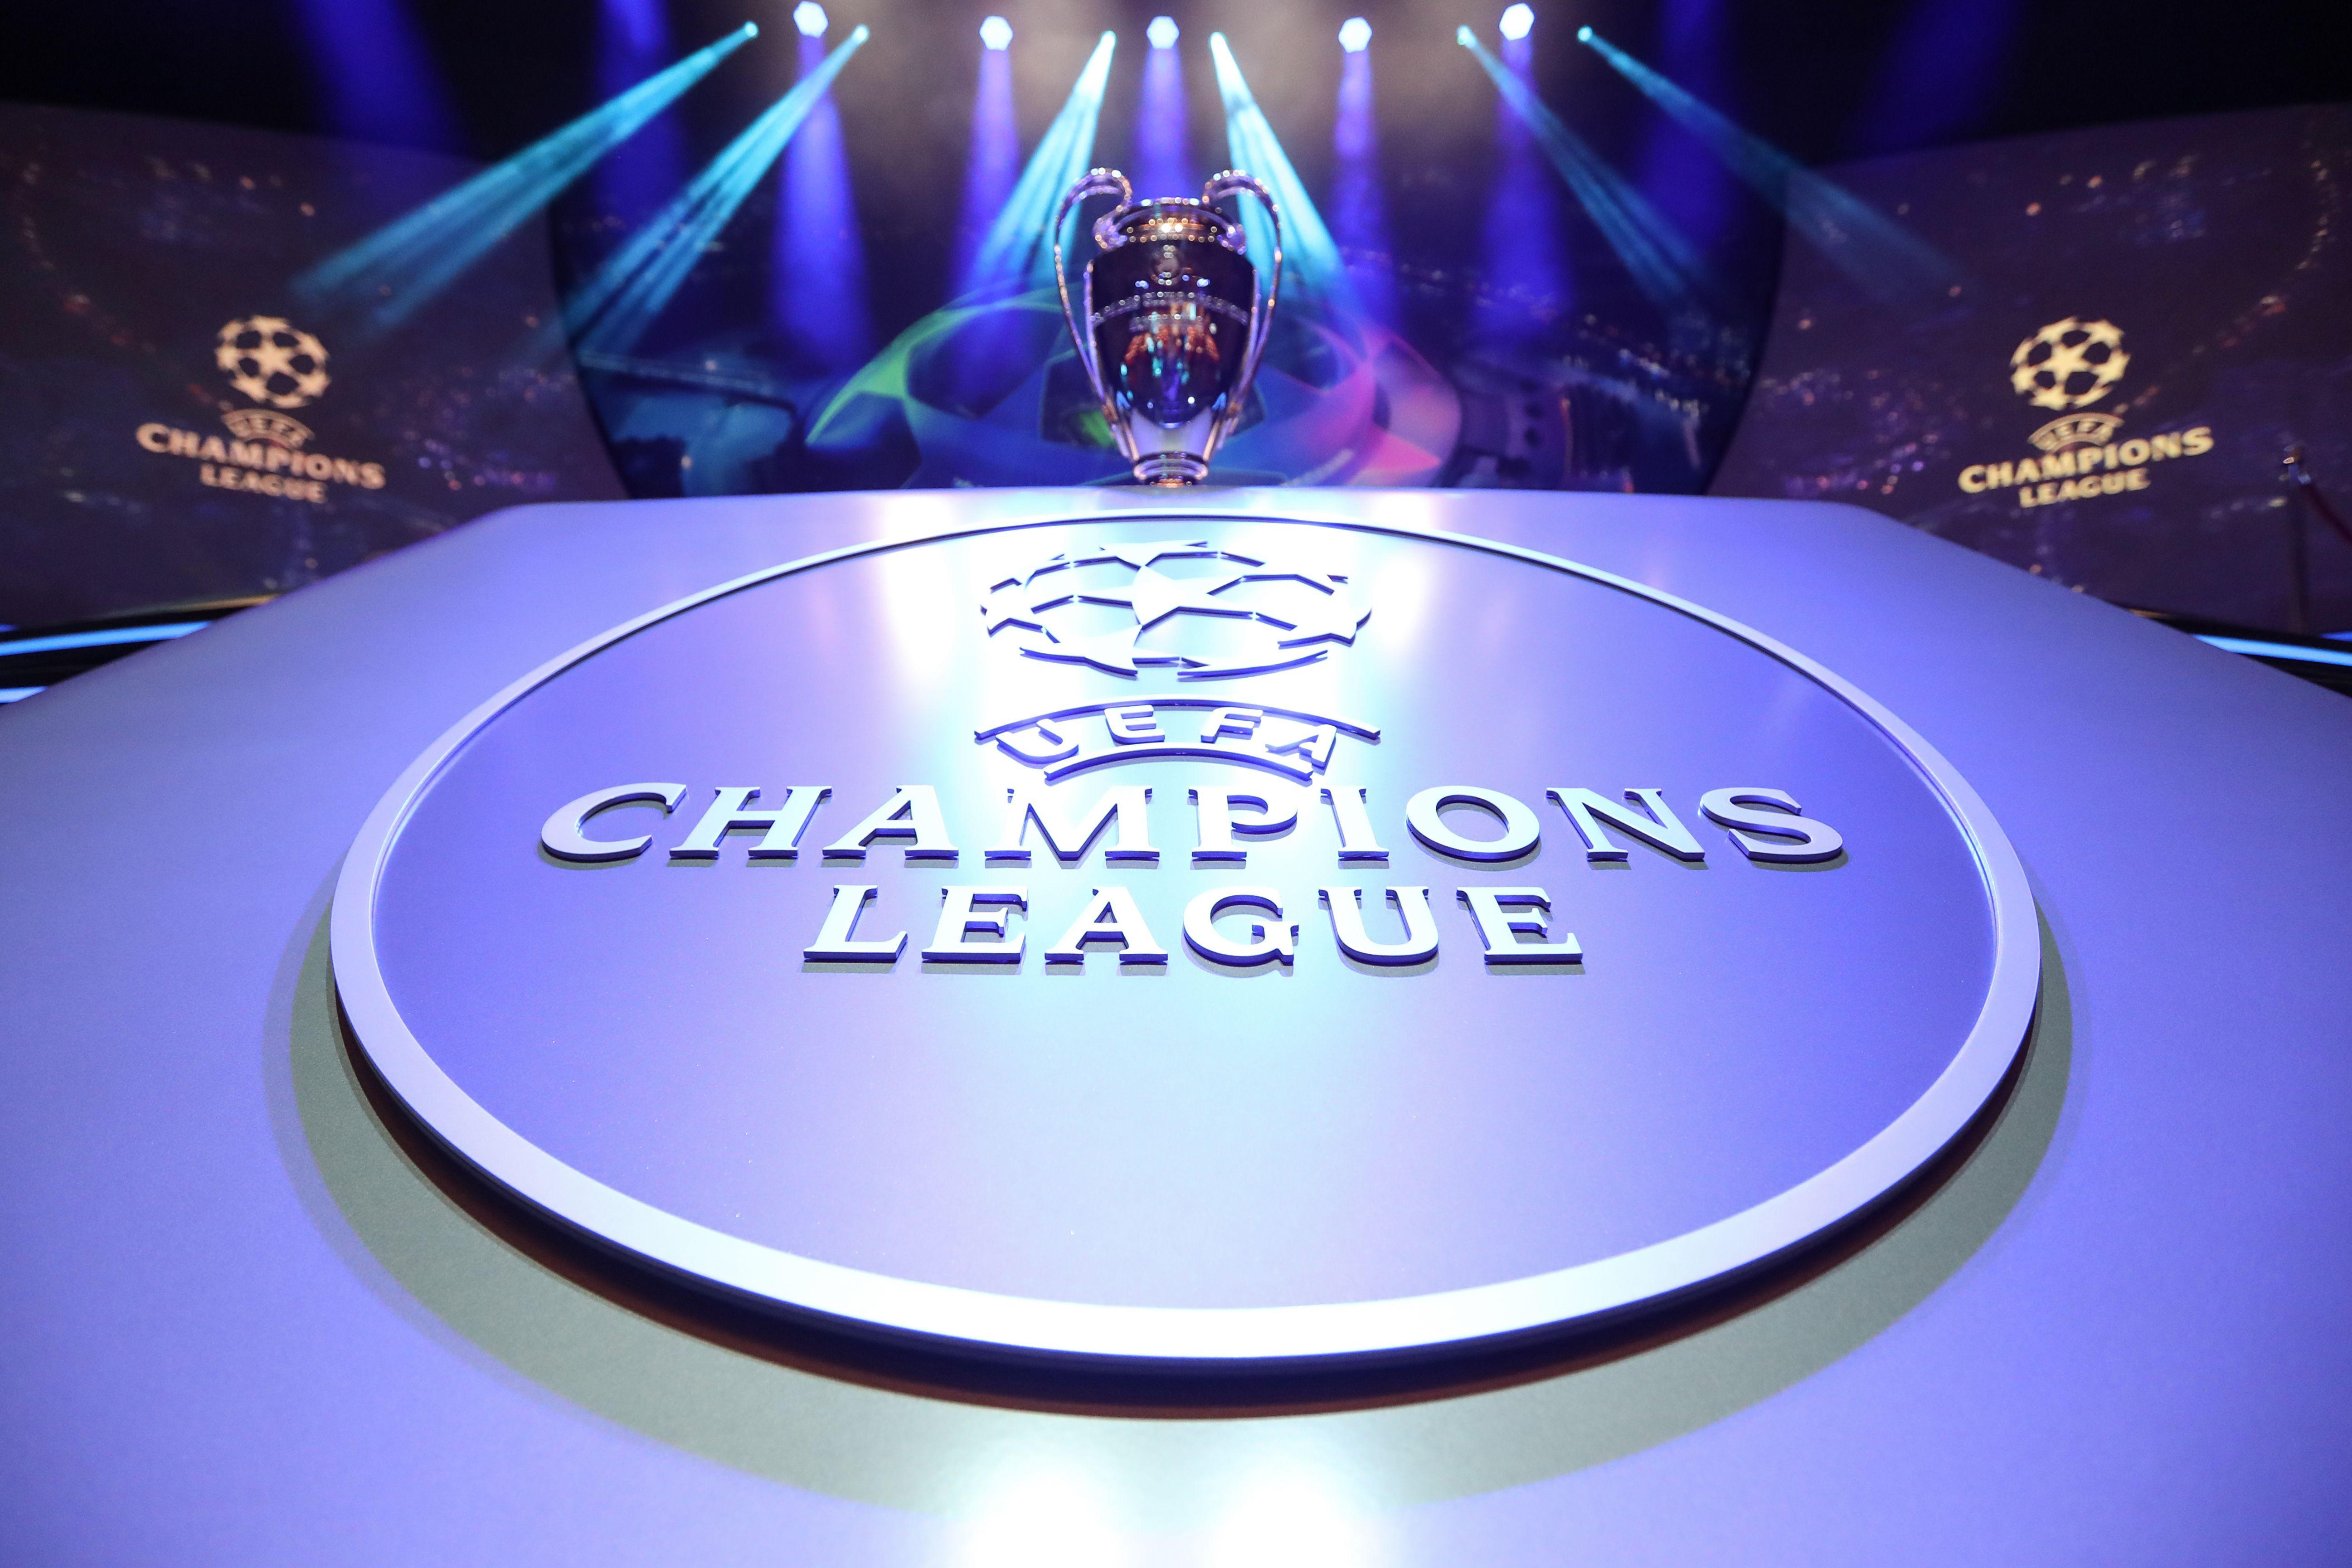 El trofeo de la UEFA Champions League espera un nuevo propietario.